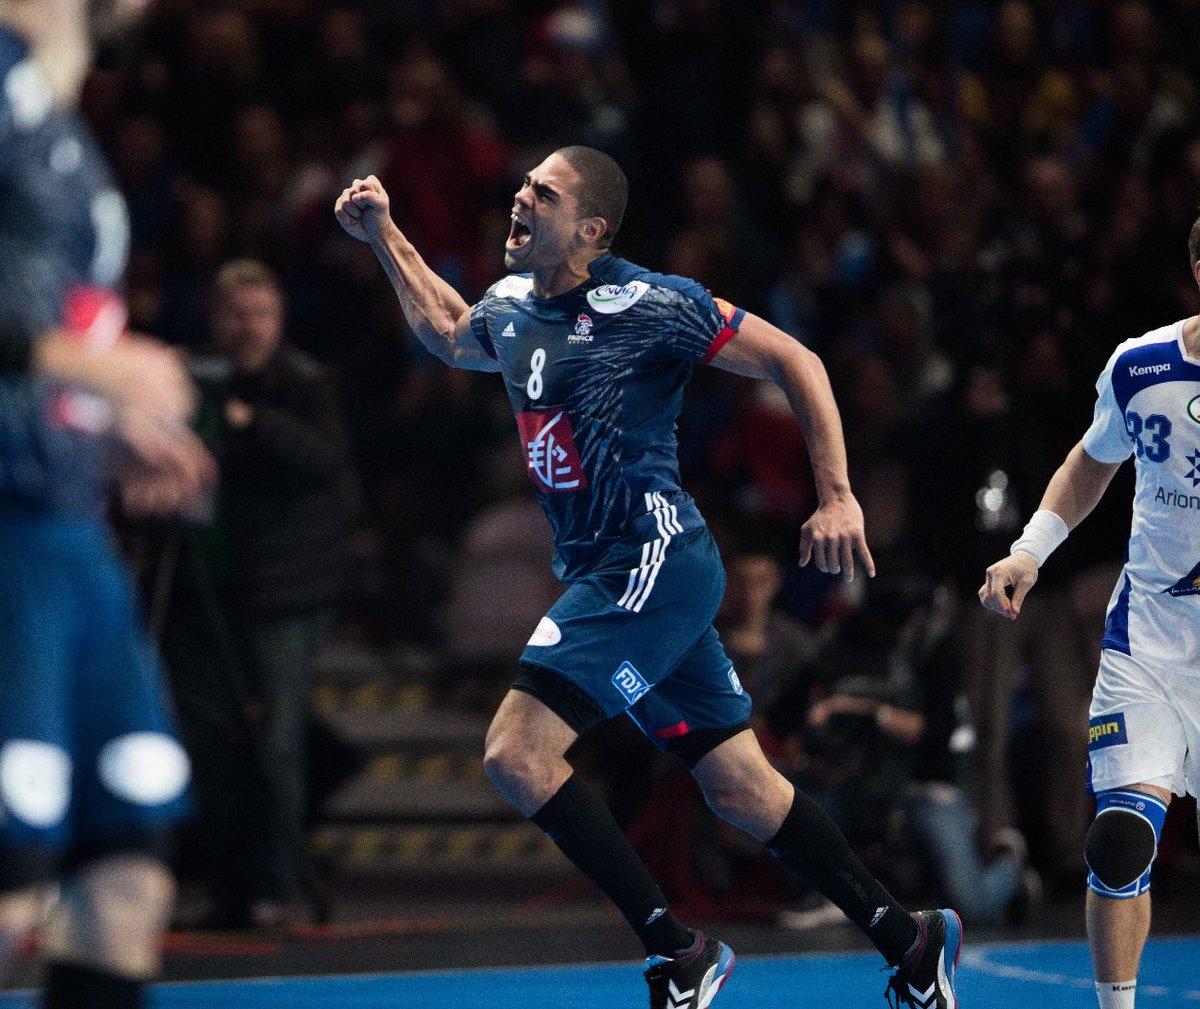 Gros match aujourd&#39;hui  #france #sweden 19h00 #bleuetfier #handball2017 #Lille<br>http://pic.twitter.com/AaXENdQEts